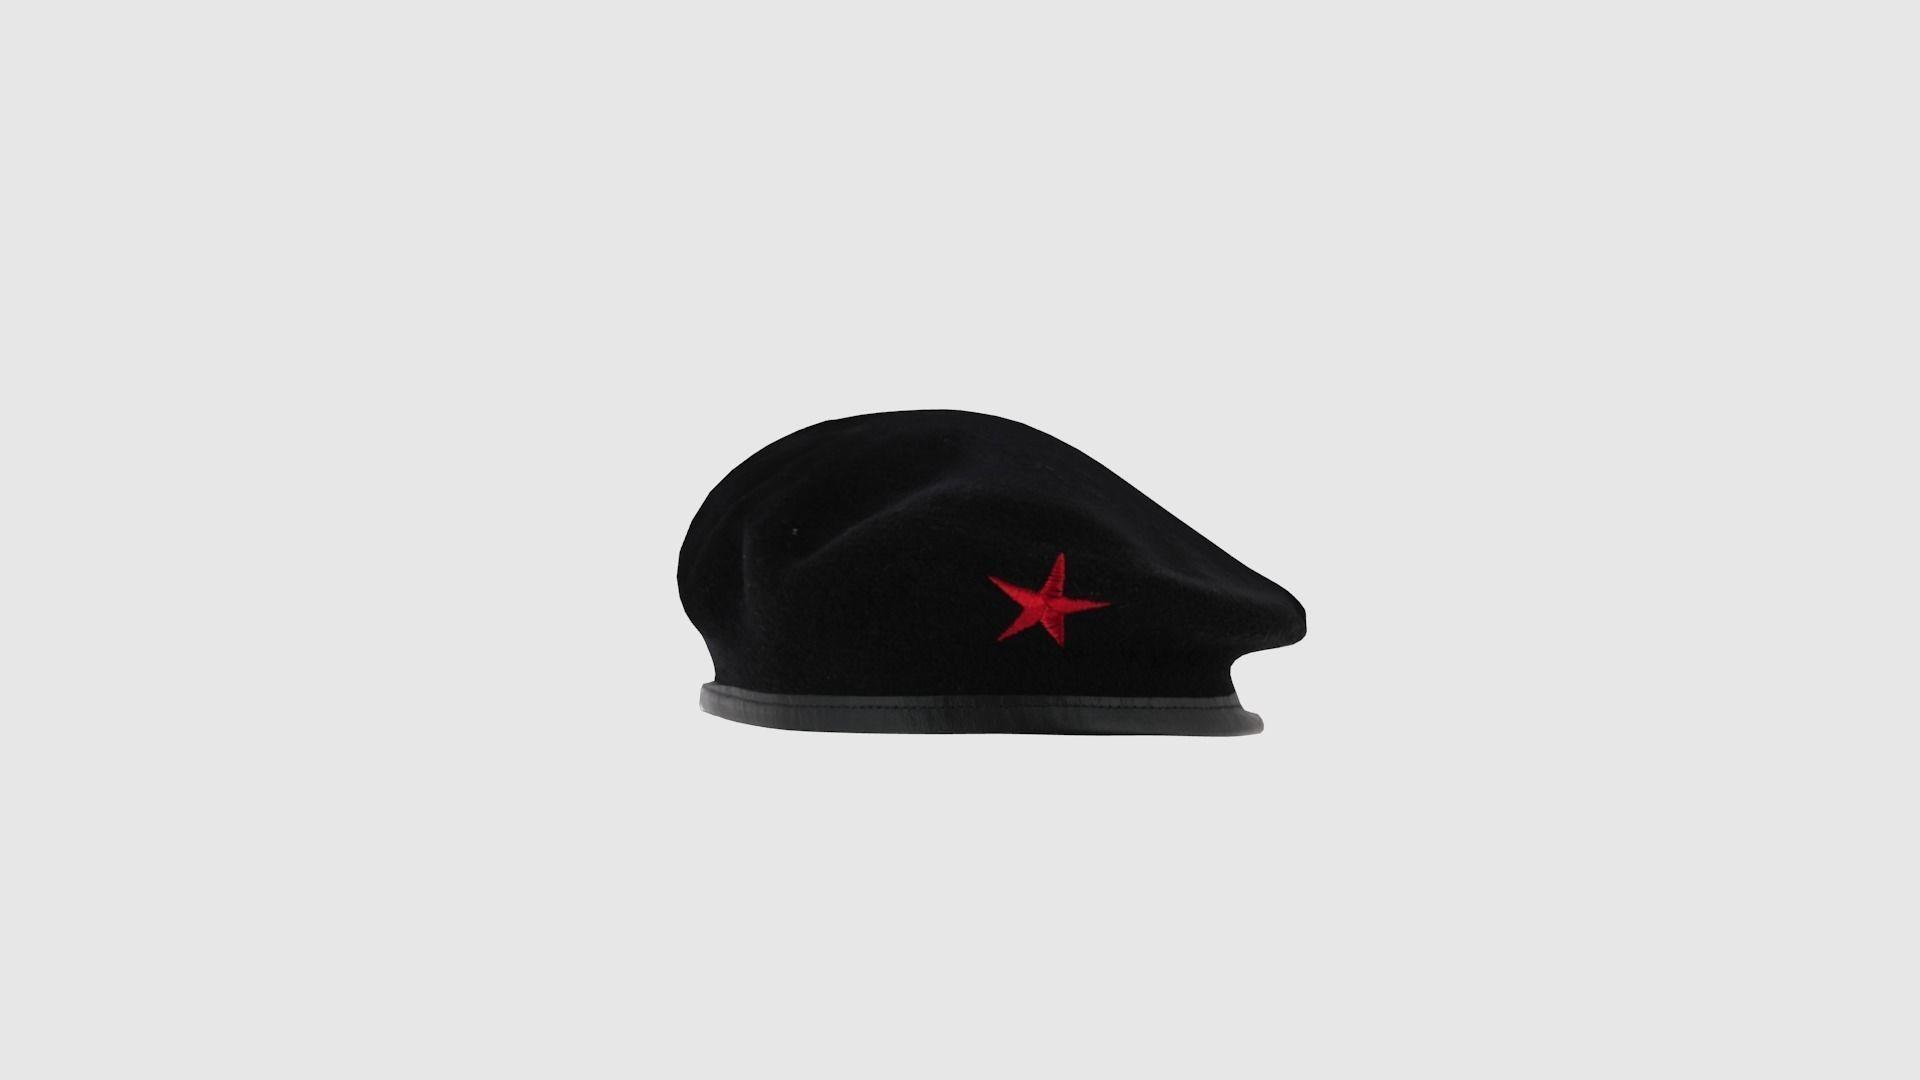 98b11242e19 ... che guevara red star beret cap 3d model low-poly obj mtl fbx stl blend  ...